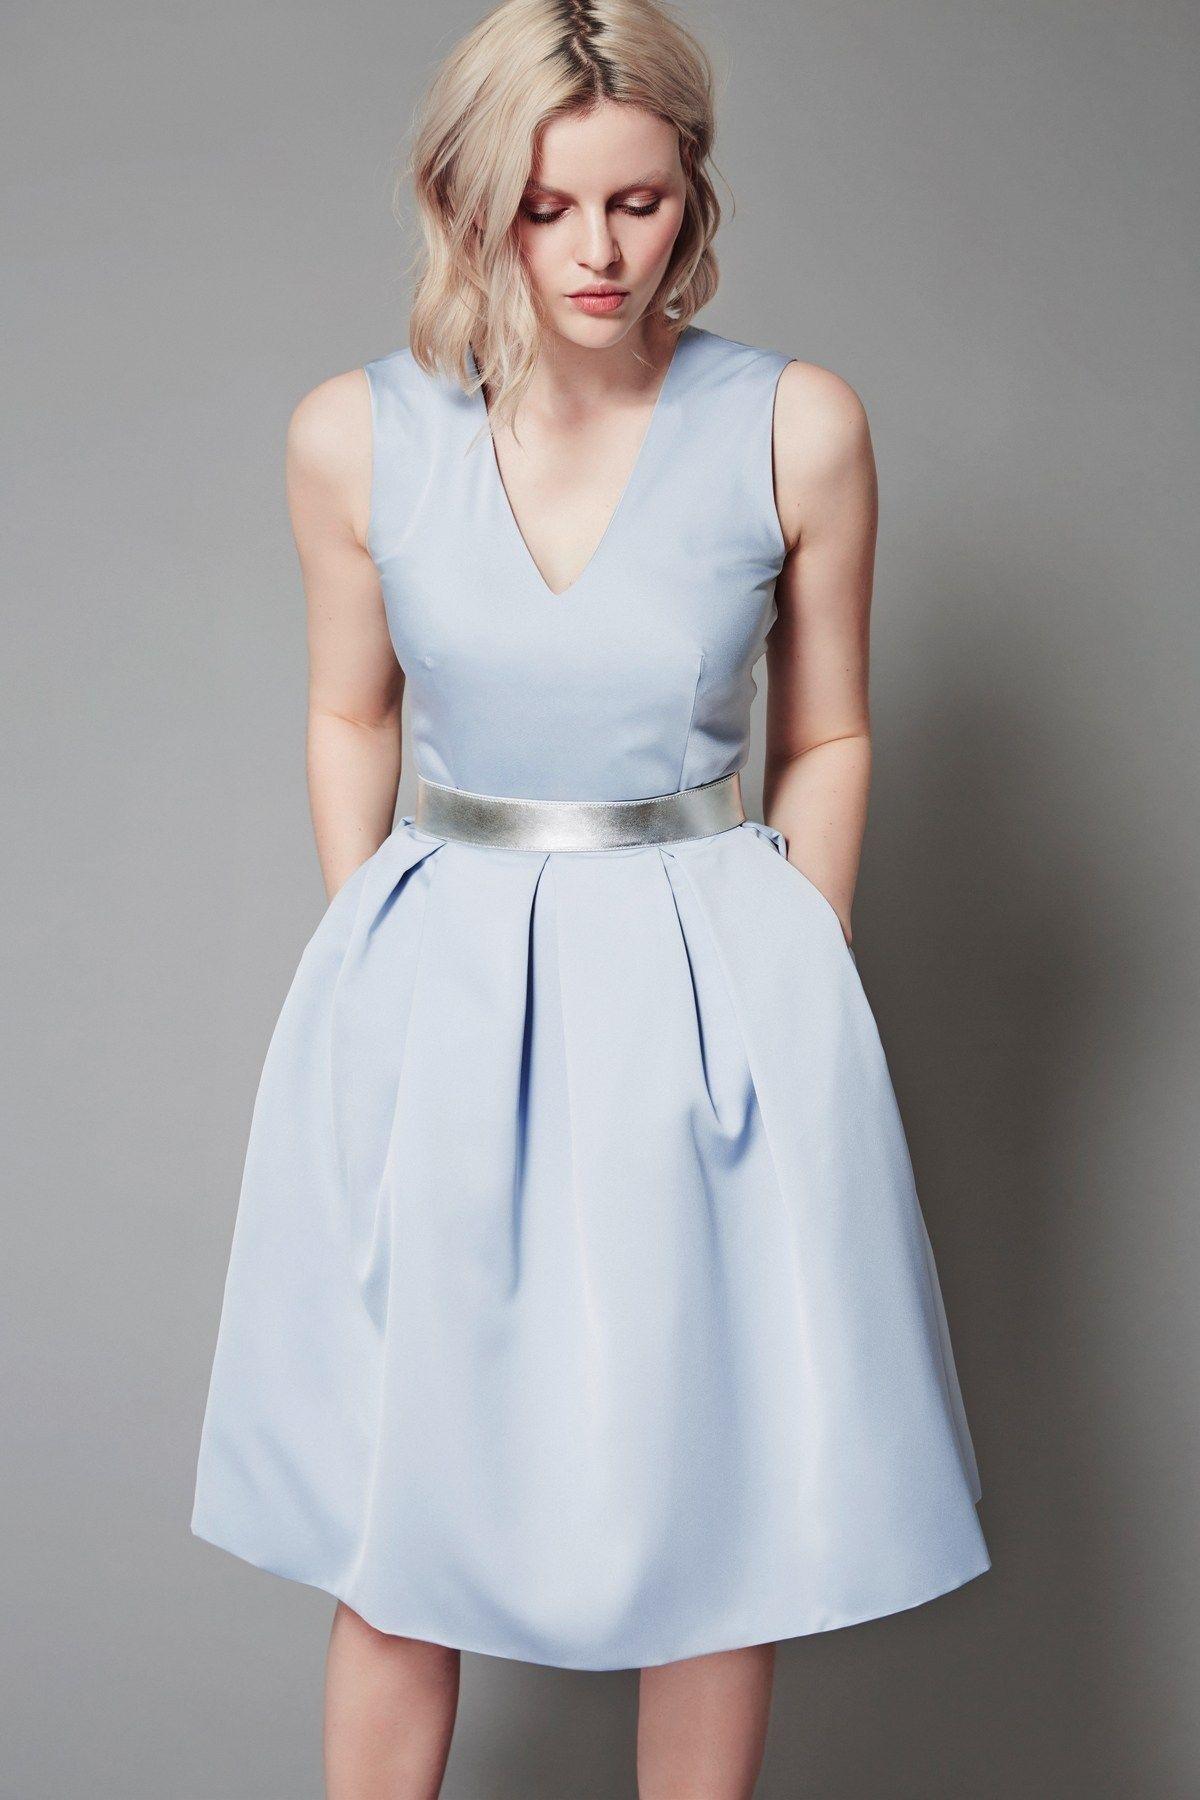 20 Elegant Kleider Hochzeitsgäste Online Shop für 2019Formal Schön Kleider Hochzeitsgäste Online Shop Stylish